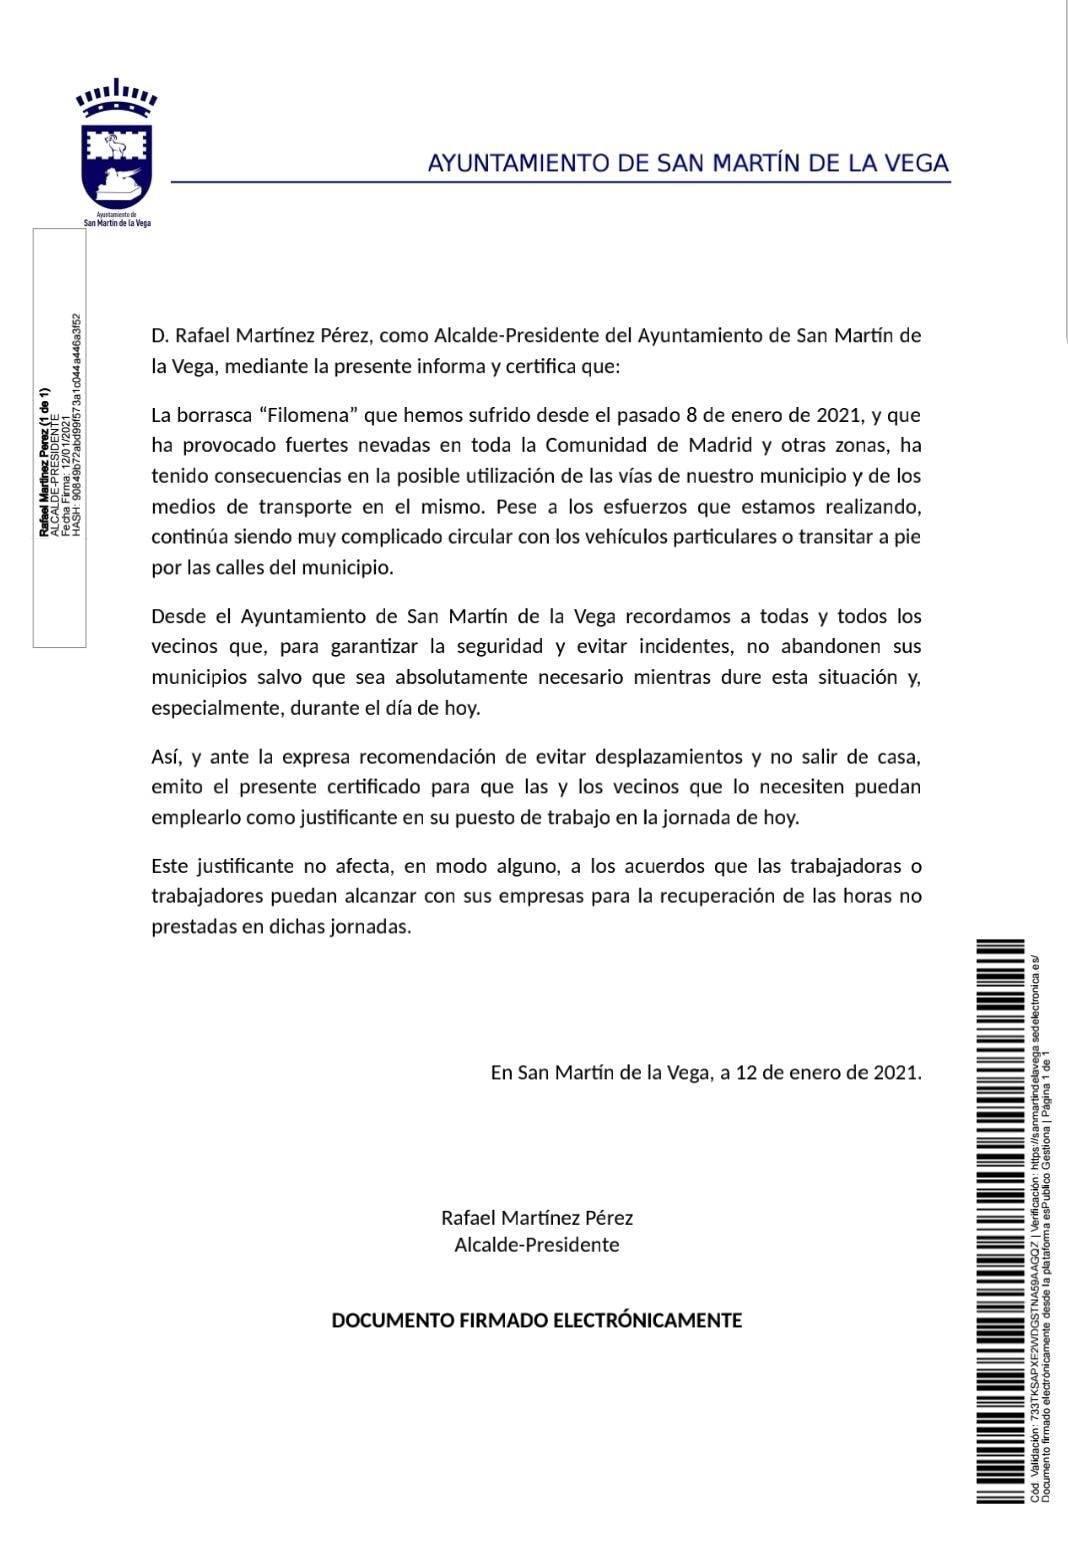 Justificante genérico por imposibilidad de desplazamiento 12/01/2021